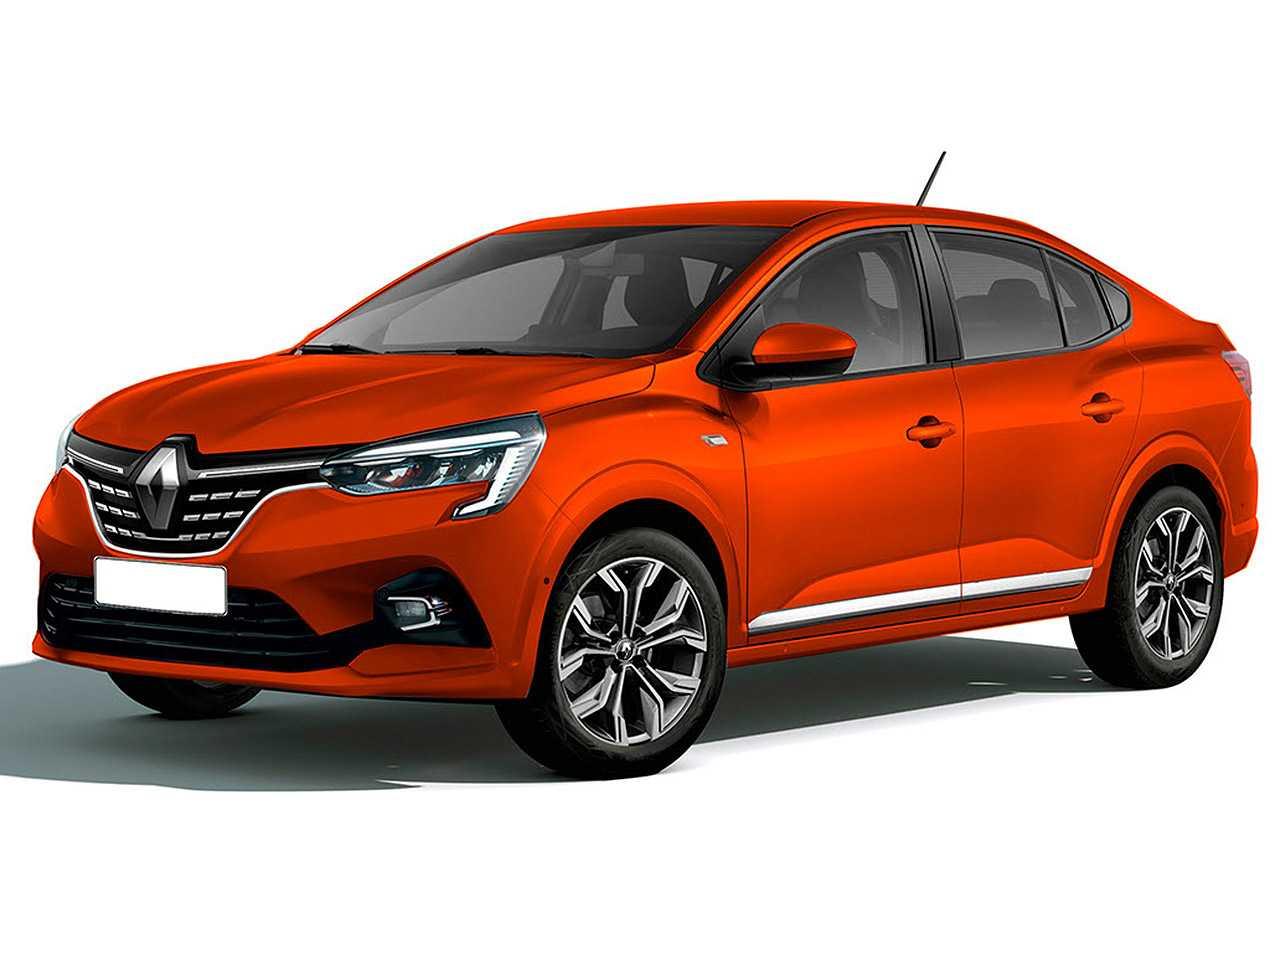 Projeção de Kleber Silva antecipando a versão final do Renault Taliant